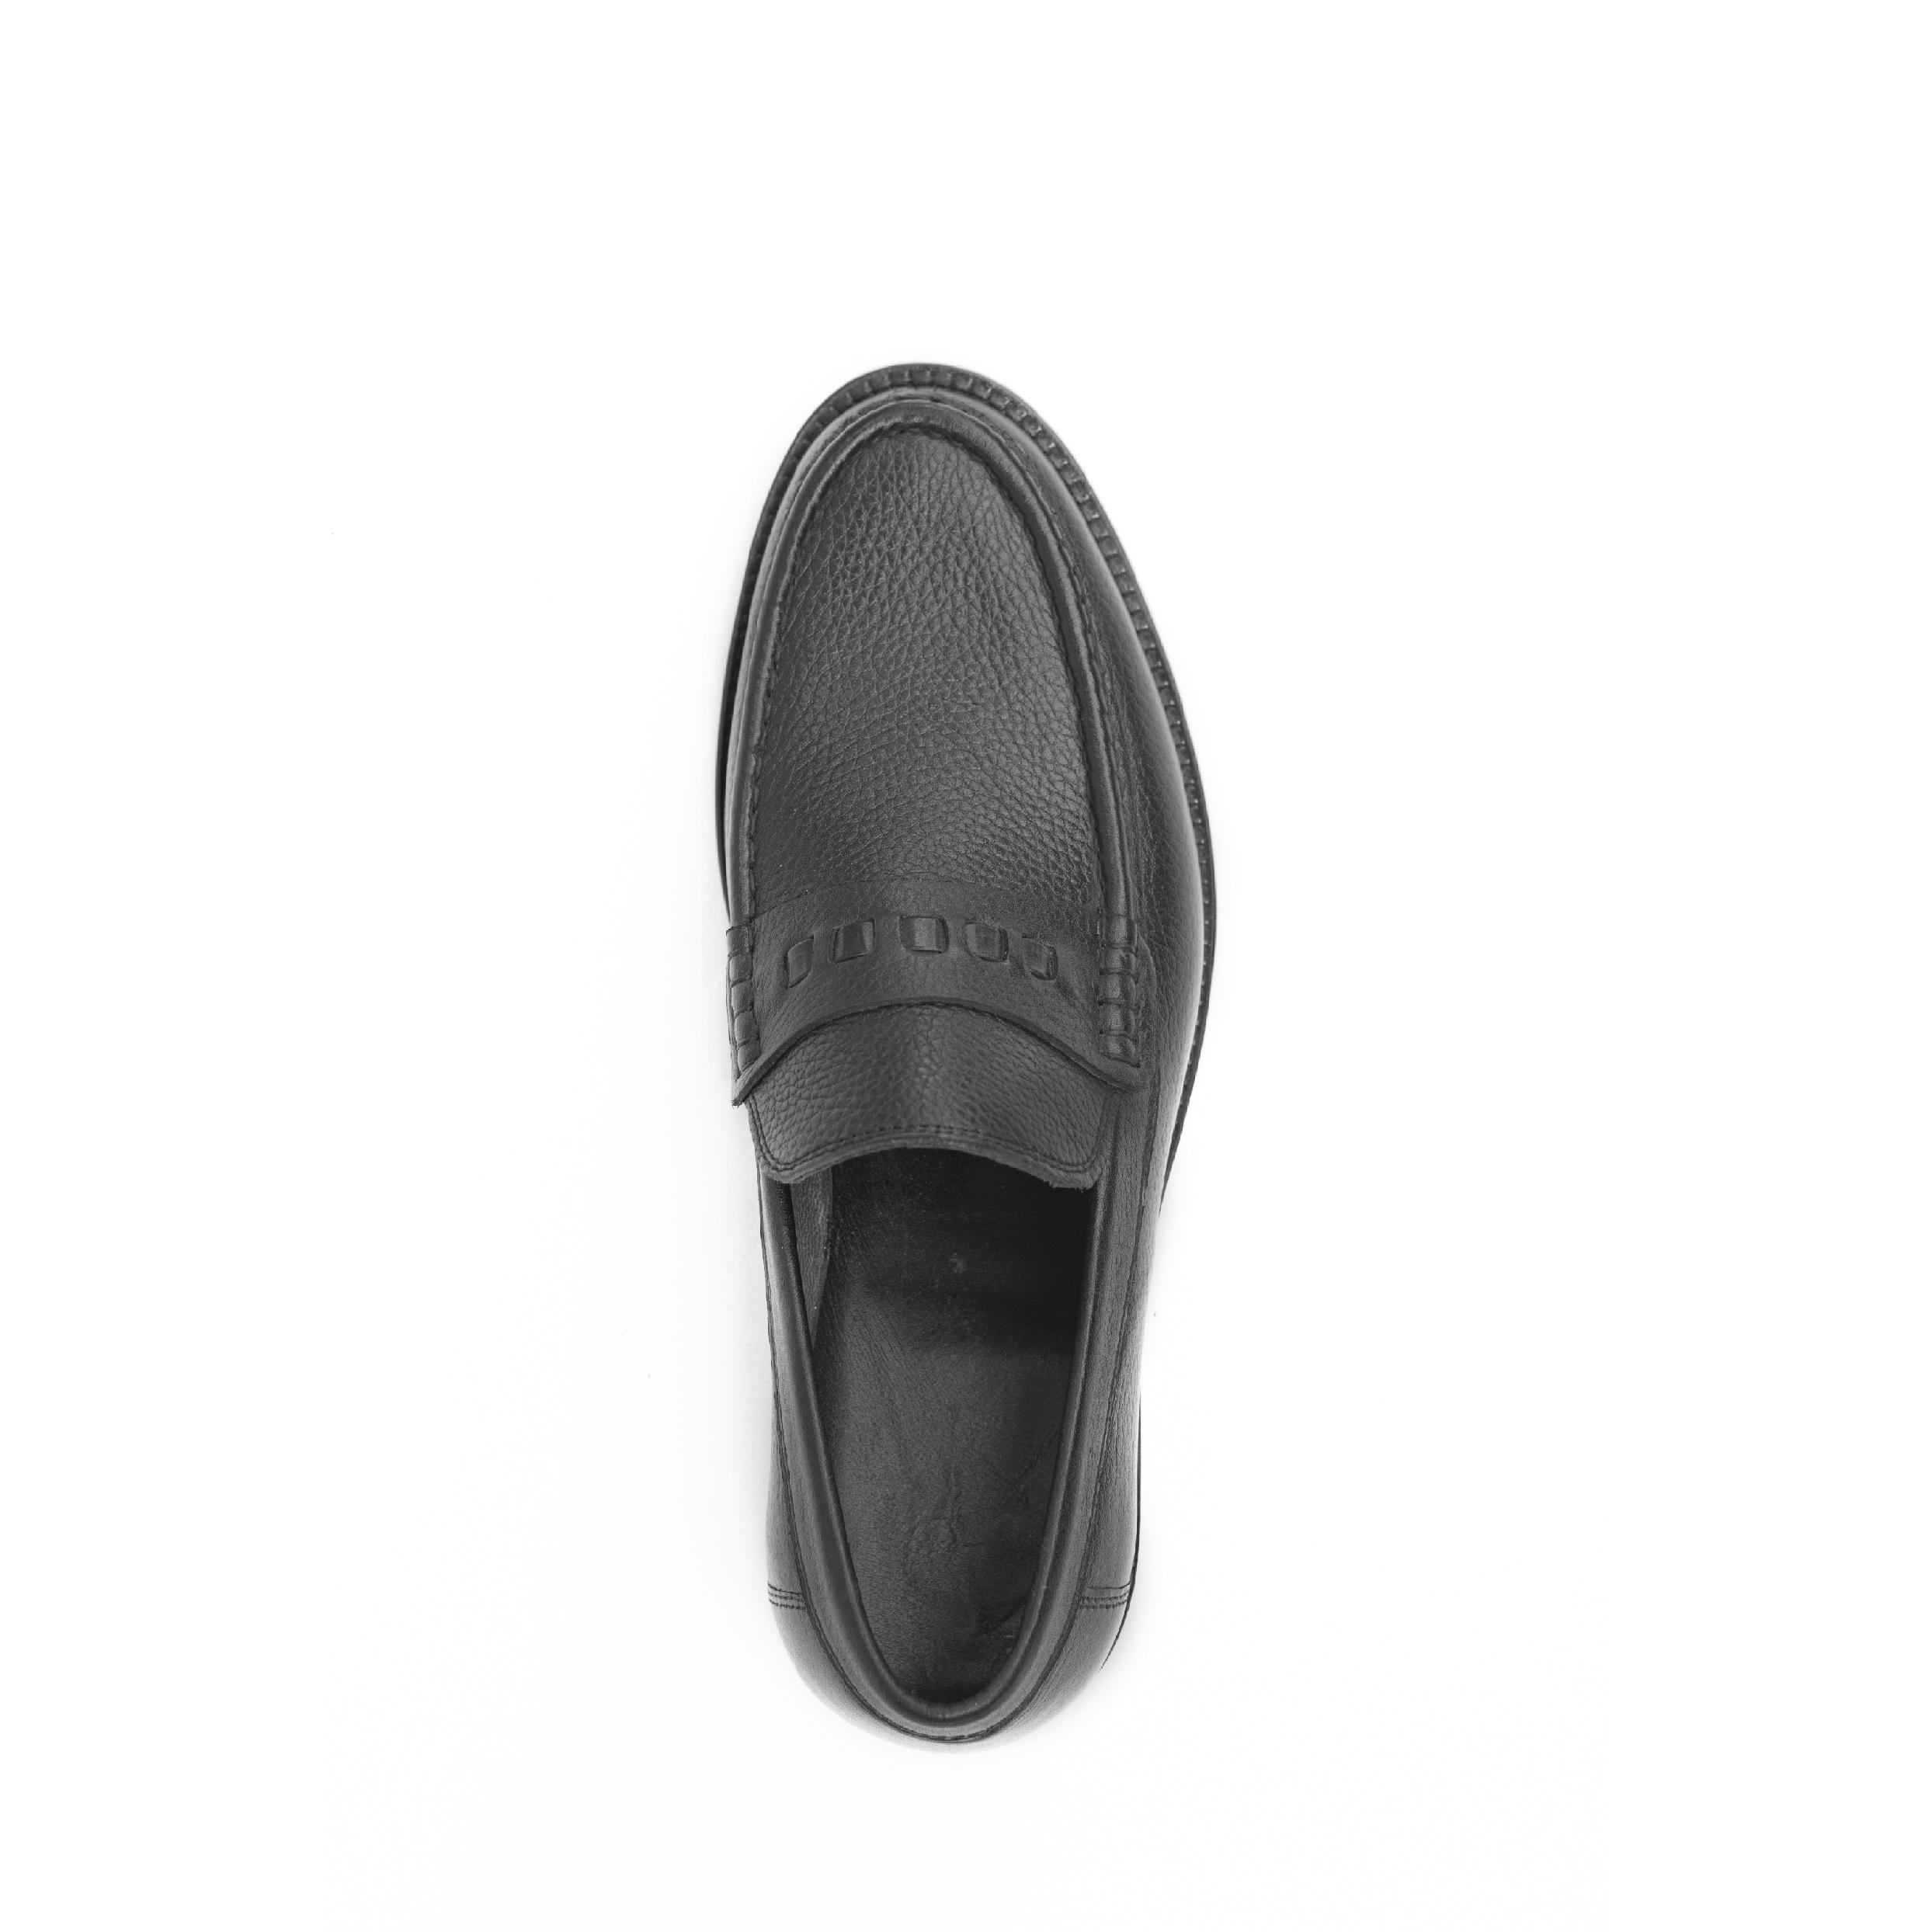 کفش مردانه کد 1200 -  - 2